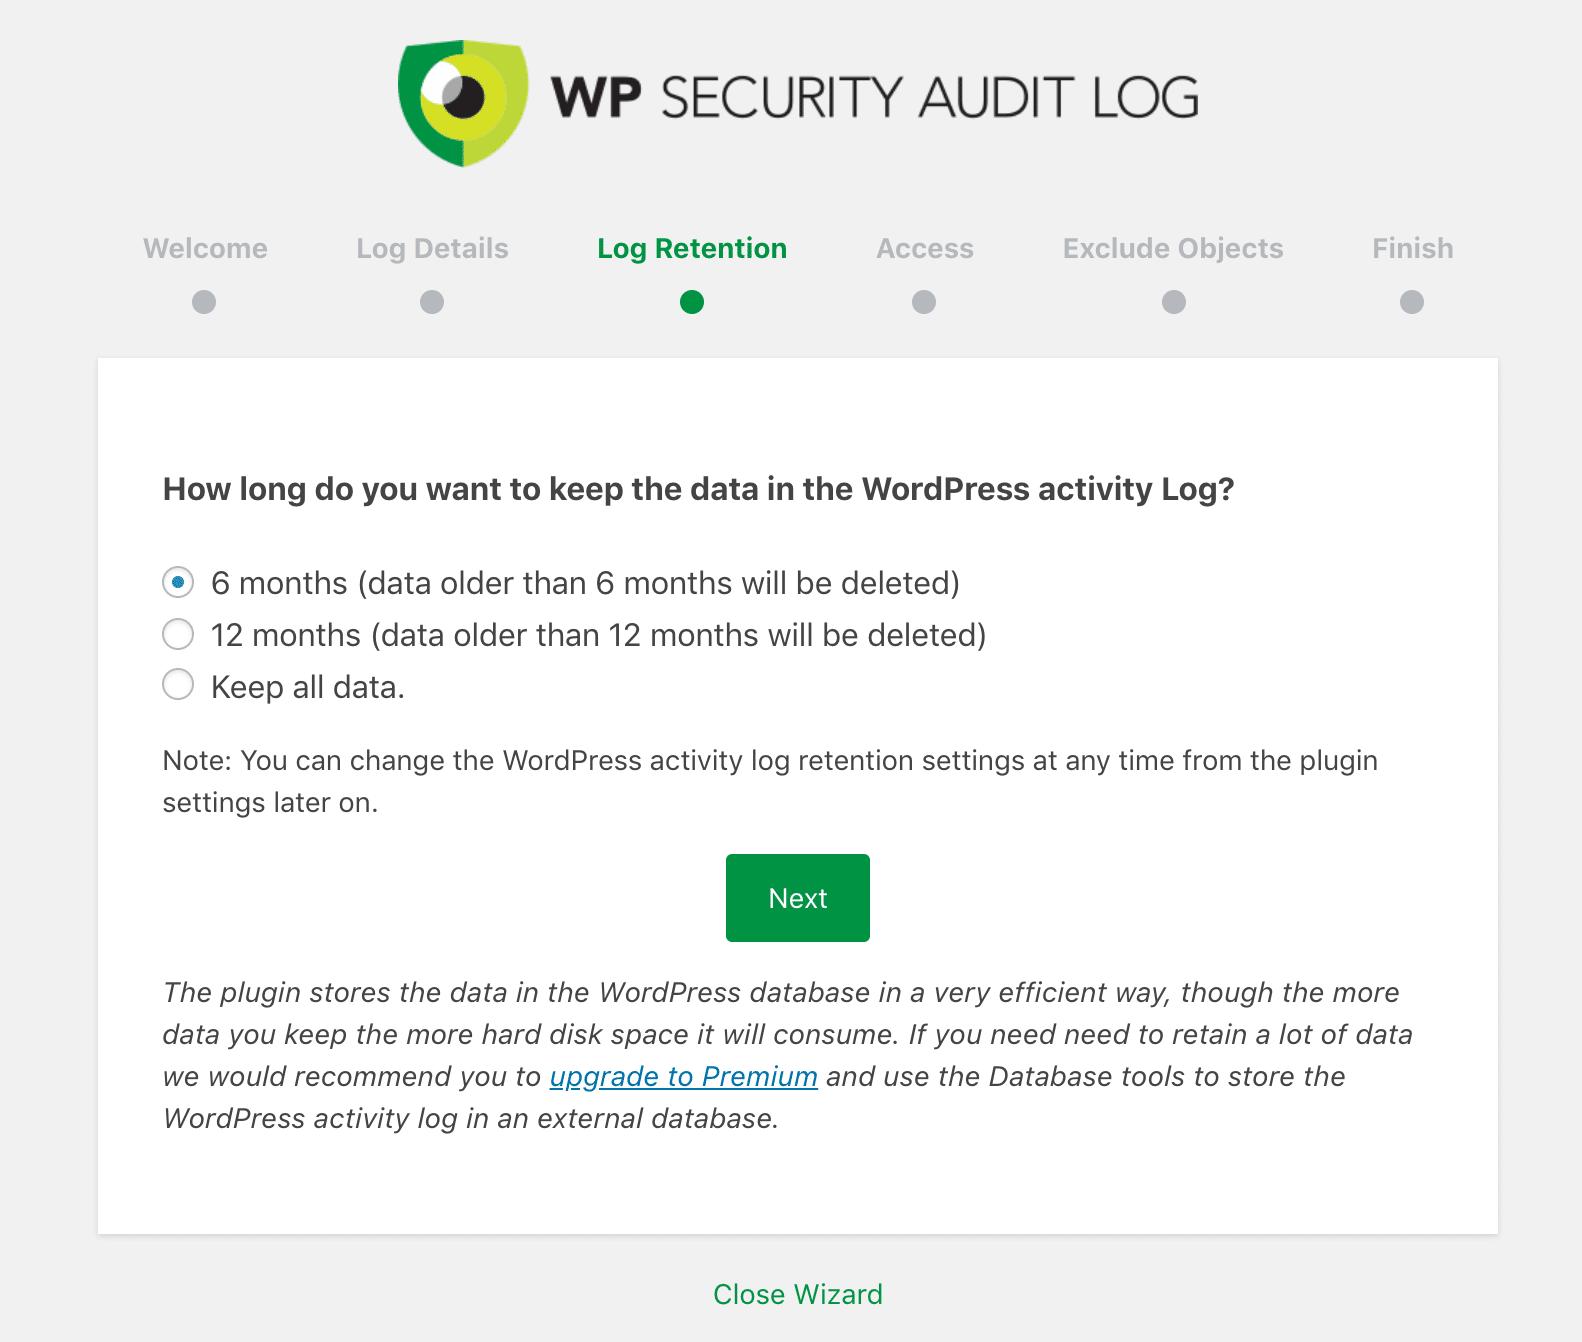 Retenção de dados do log de auditoria de segurança do WP